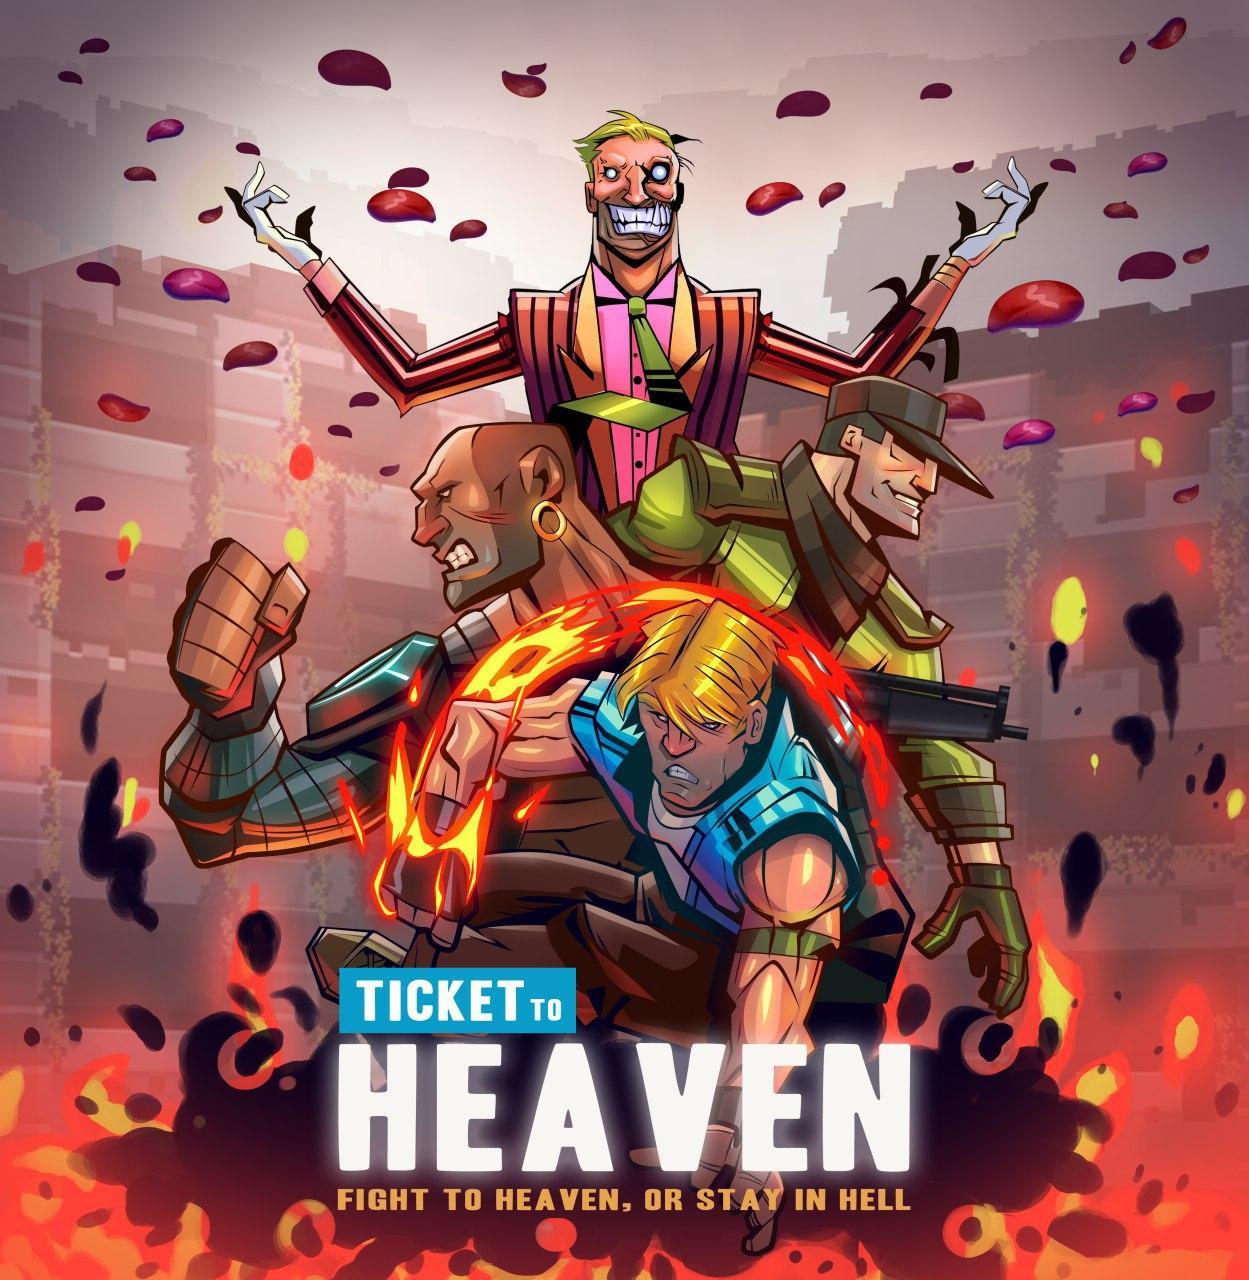 کمپین کیکاستارتر Ticket to Heaven ۳۰ تیر تابستان جاری کارش را از سر میگیرد